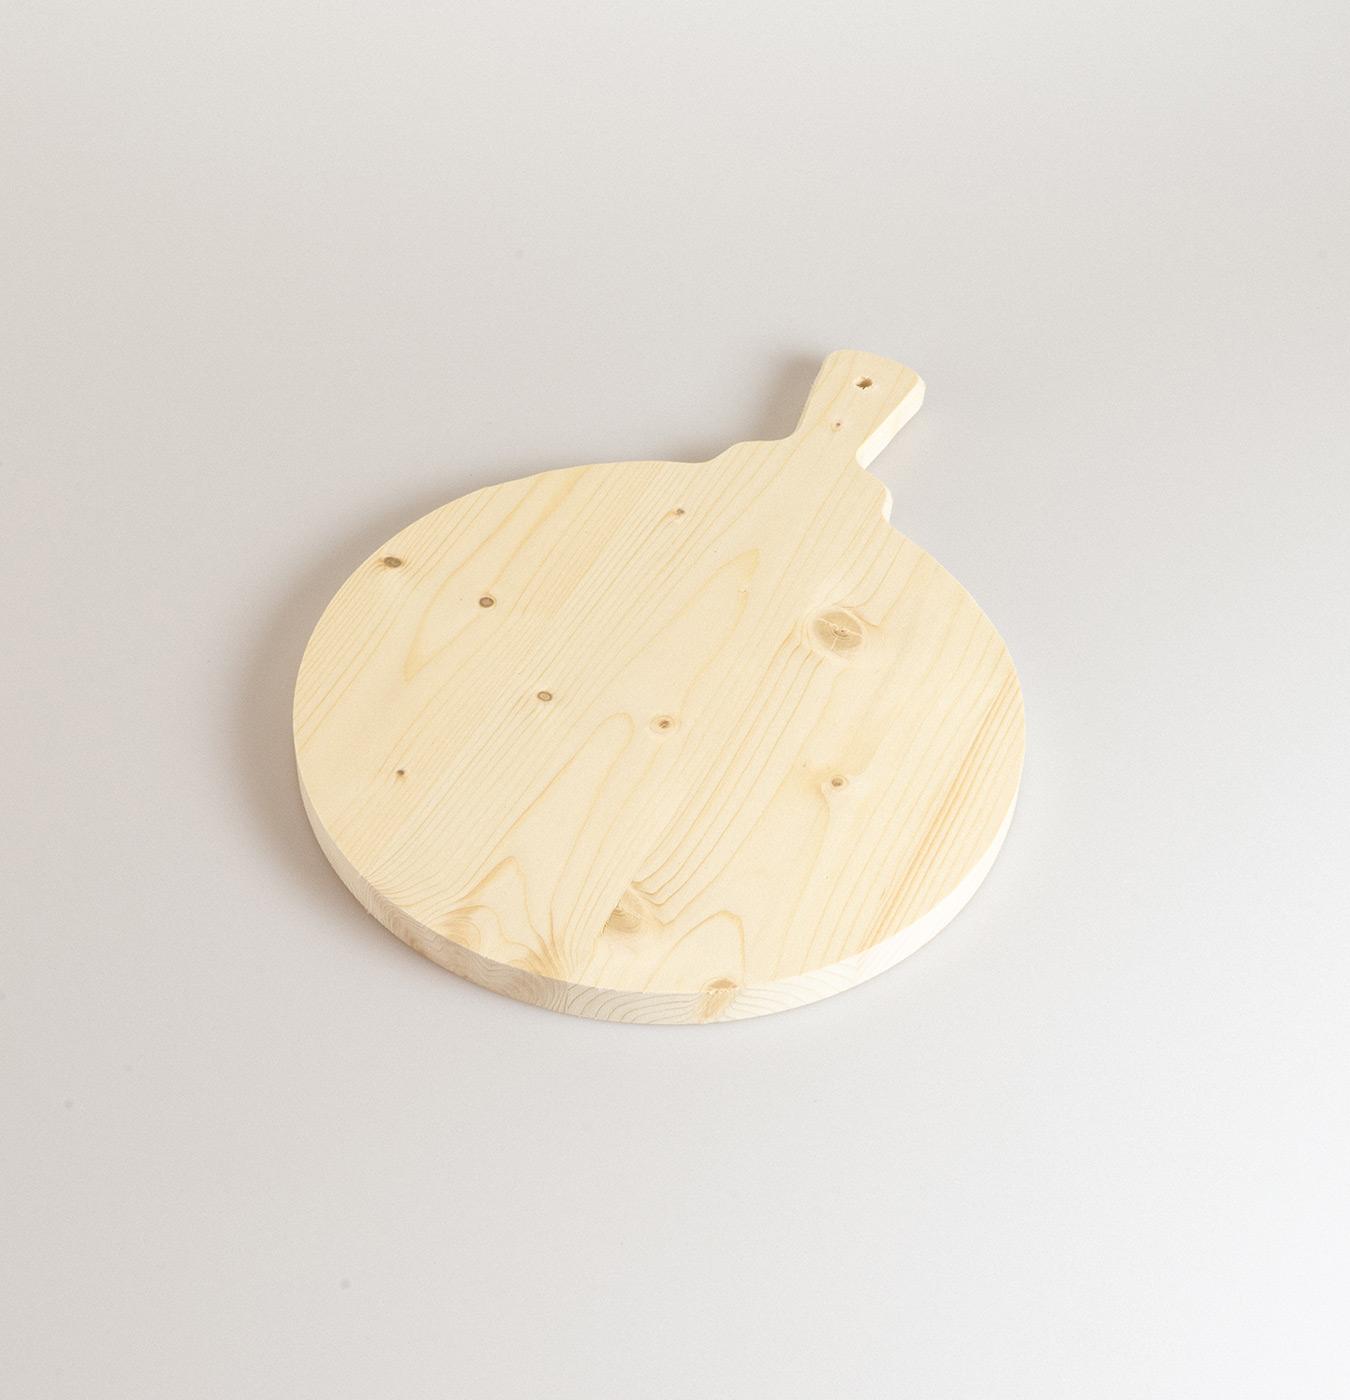 Tagliere polenta con manico diametro 35 cm in legno di abete